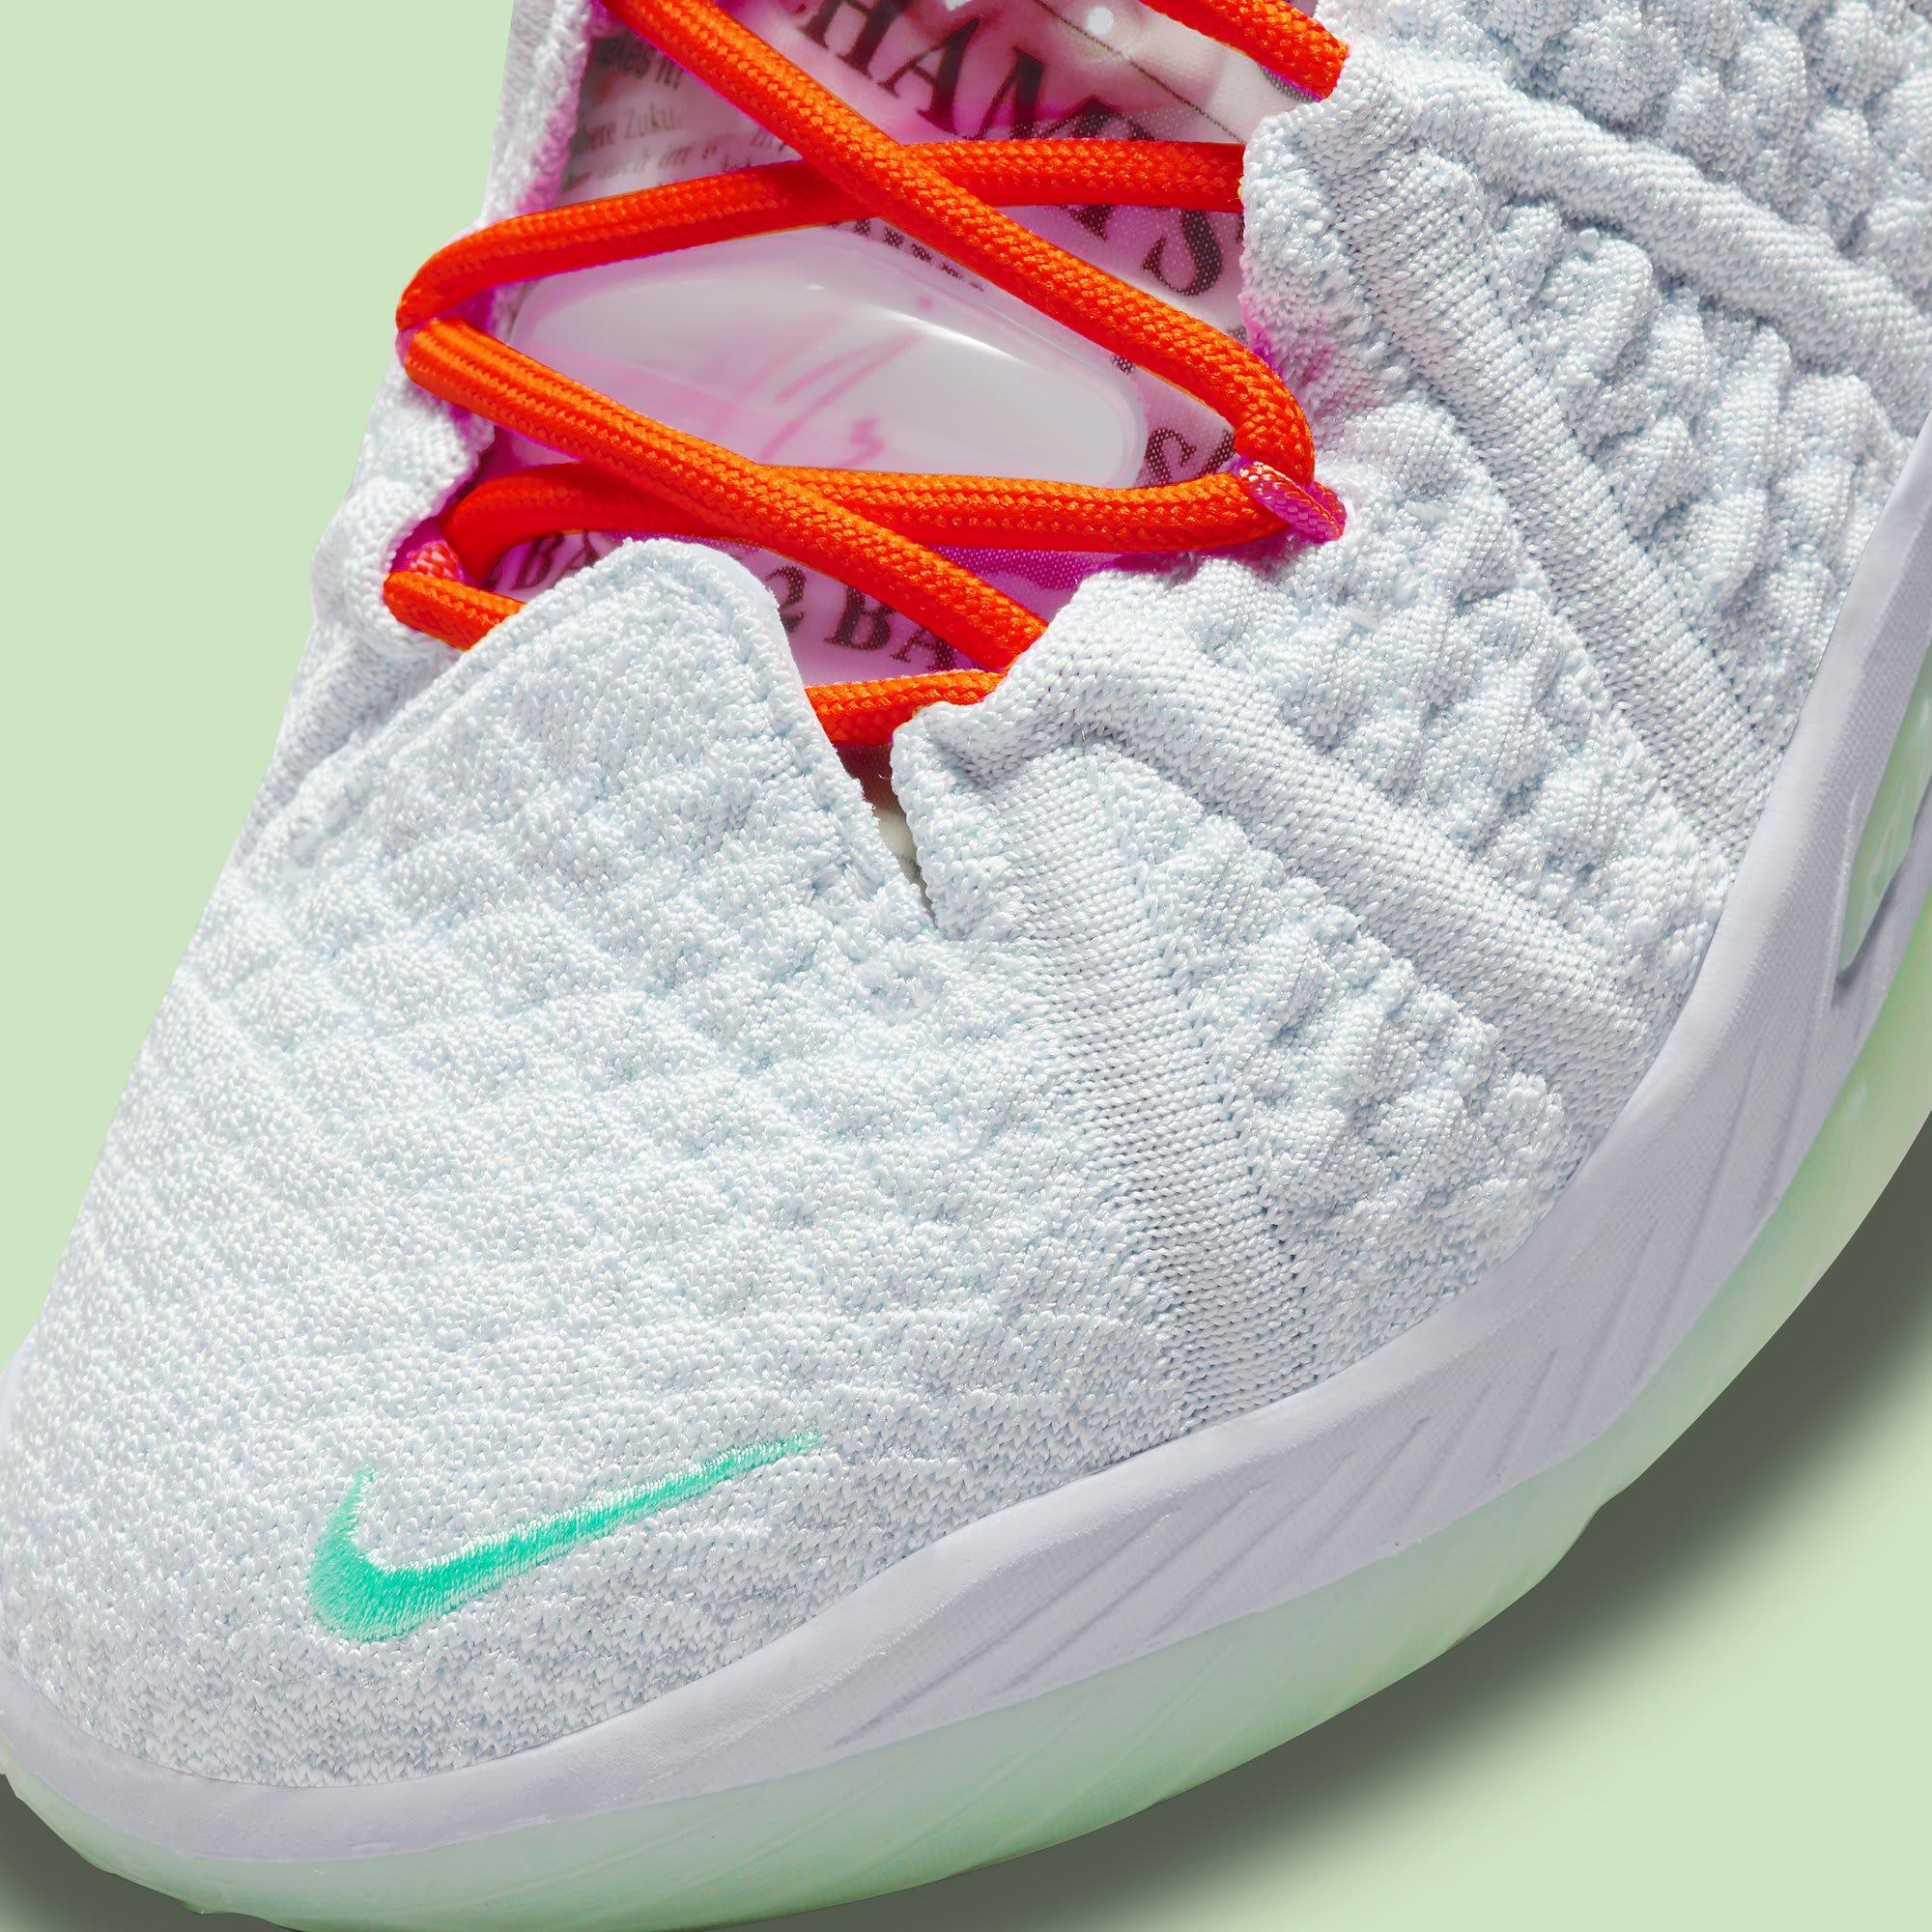 Diana Taurasi x Nike LeBron 18 PE CQ9283-401 Toe